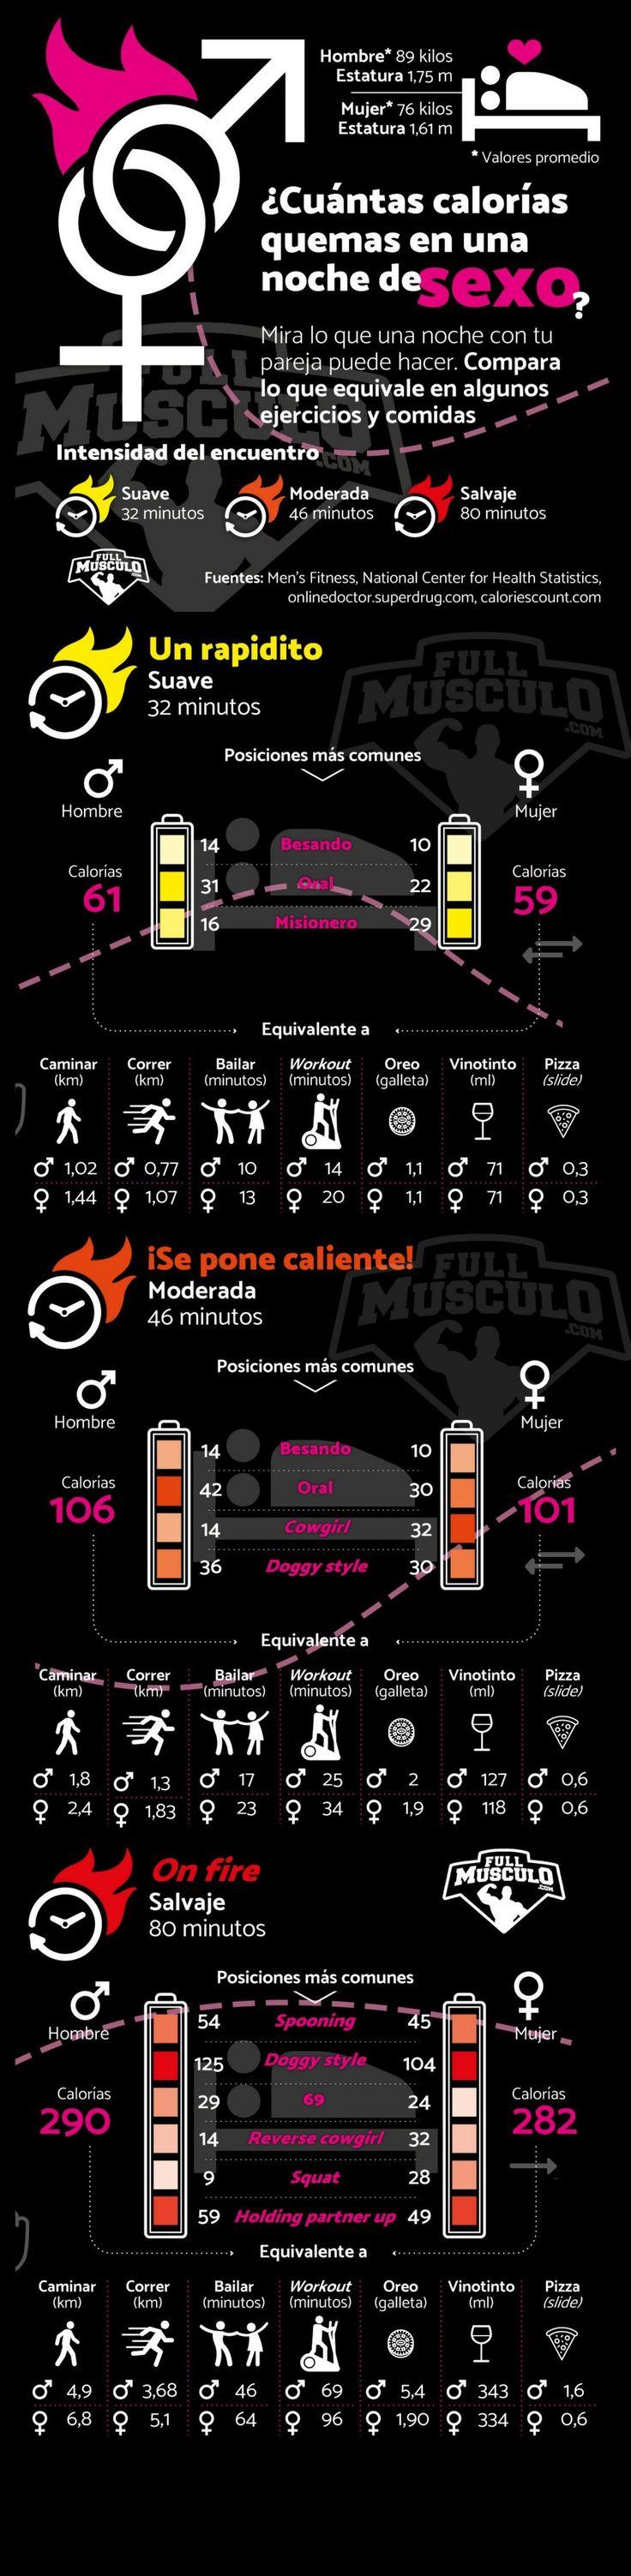 Cuantas calorías quemas en una noche de sexo ?  #SanValentin #Infografia #Sexo #ValentinesDay #14 #February #diet #exercise #training #gym